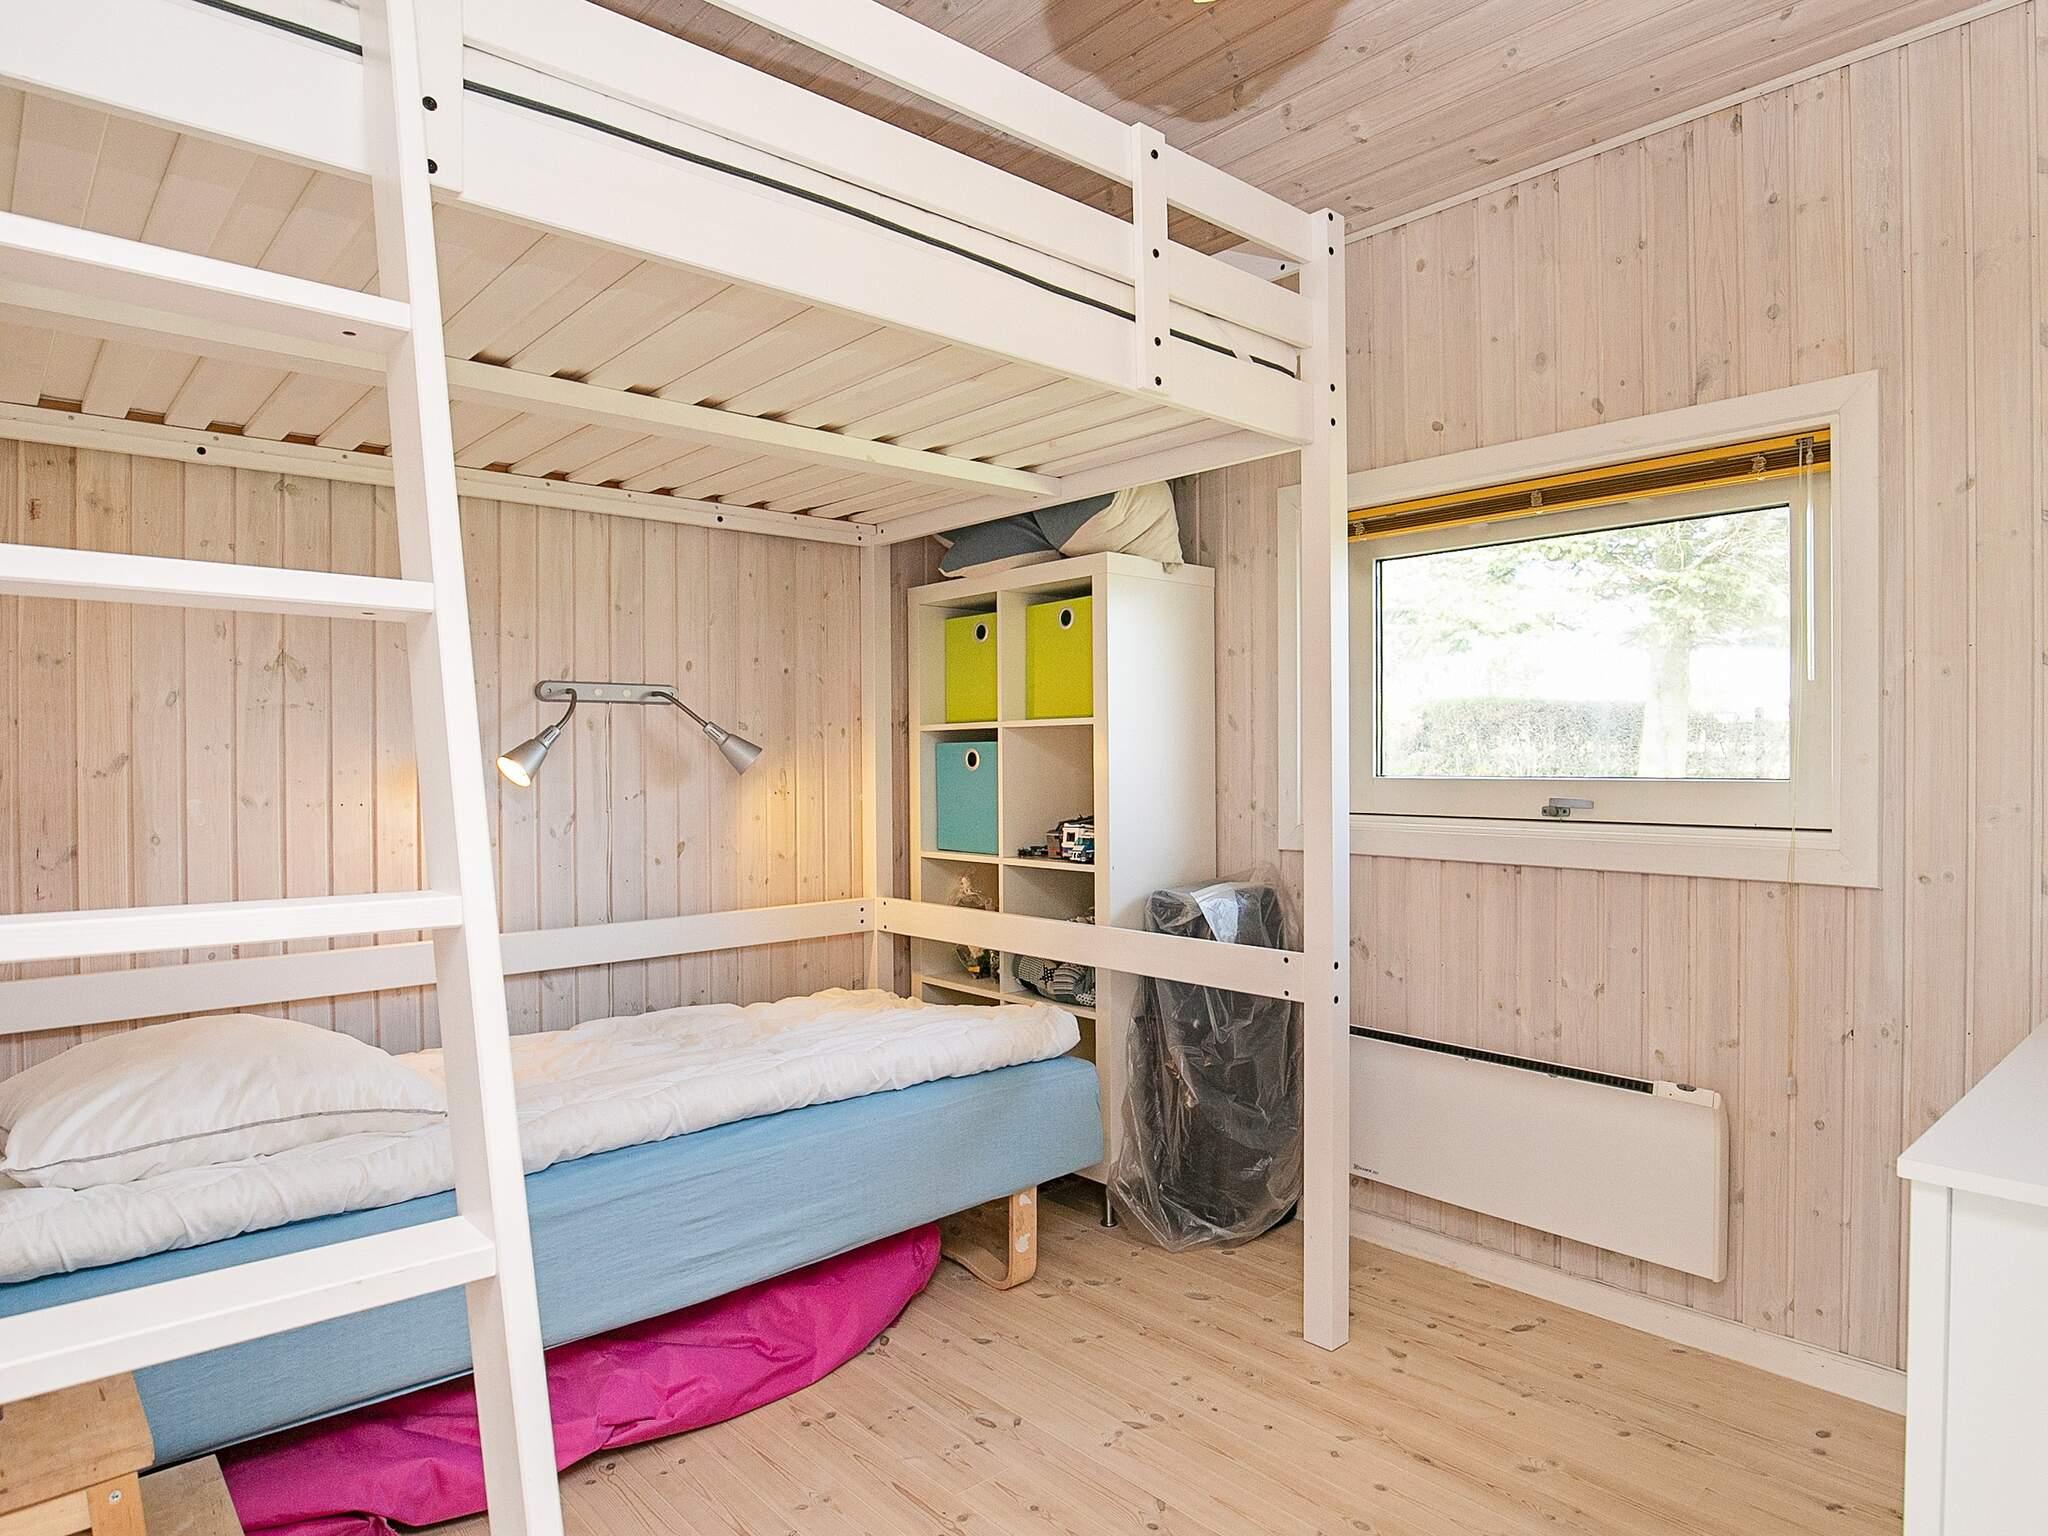 Ferienhaus Skåstrup Strand (2563316), Skåstrup, , Fünen, Dänemark, Bild 17